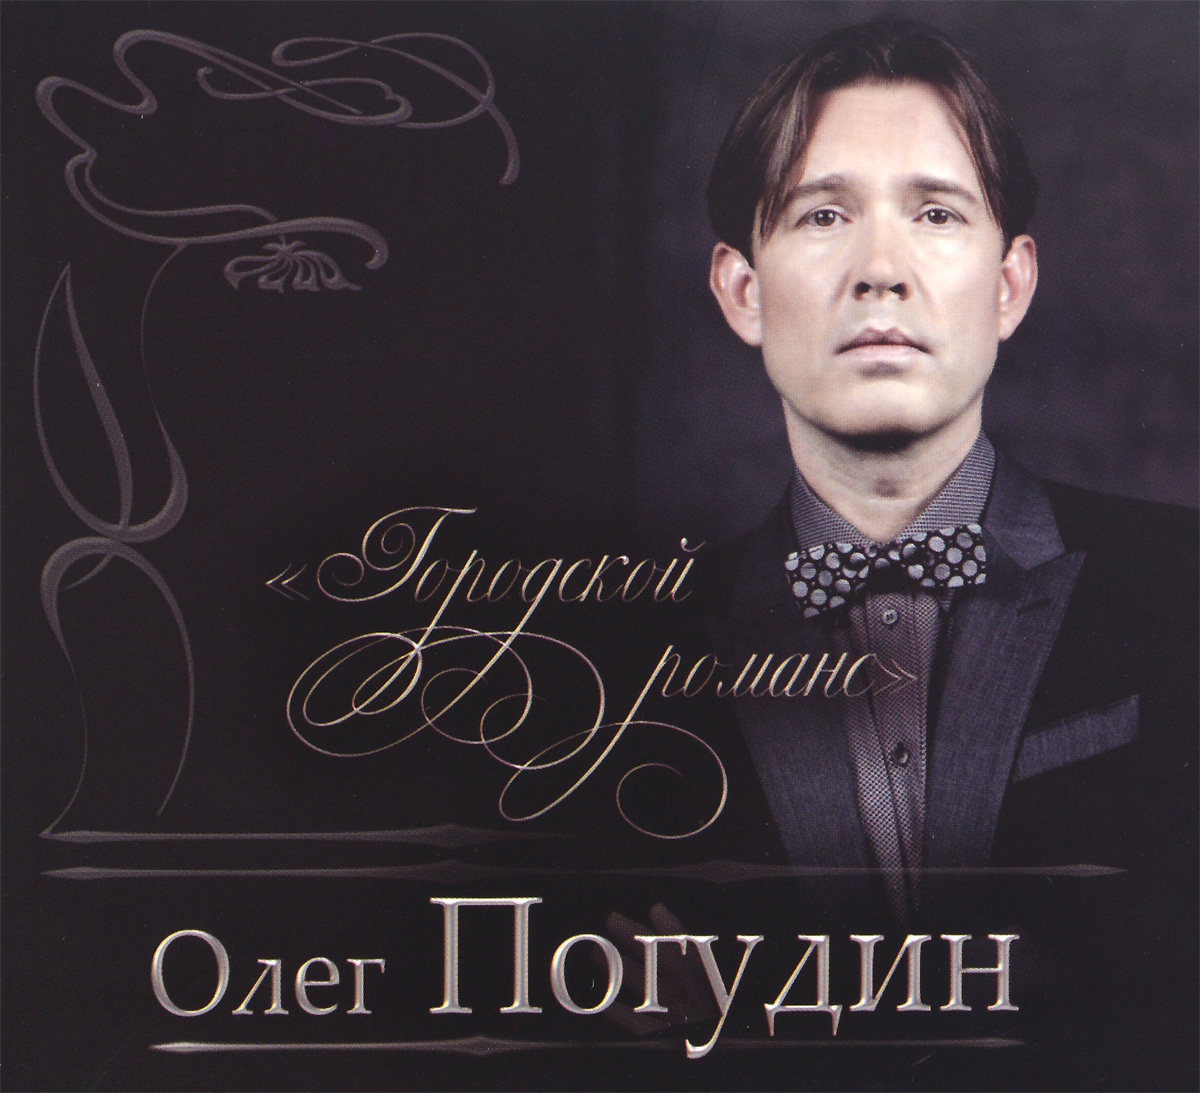 Олег Погудин Олег Погудин. Городской романс (2 CD)